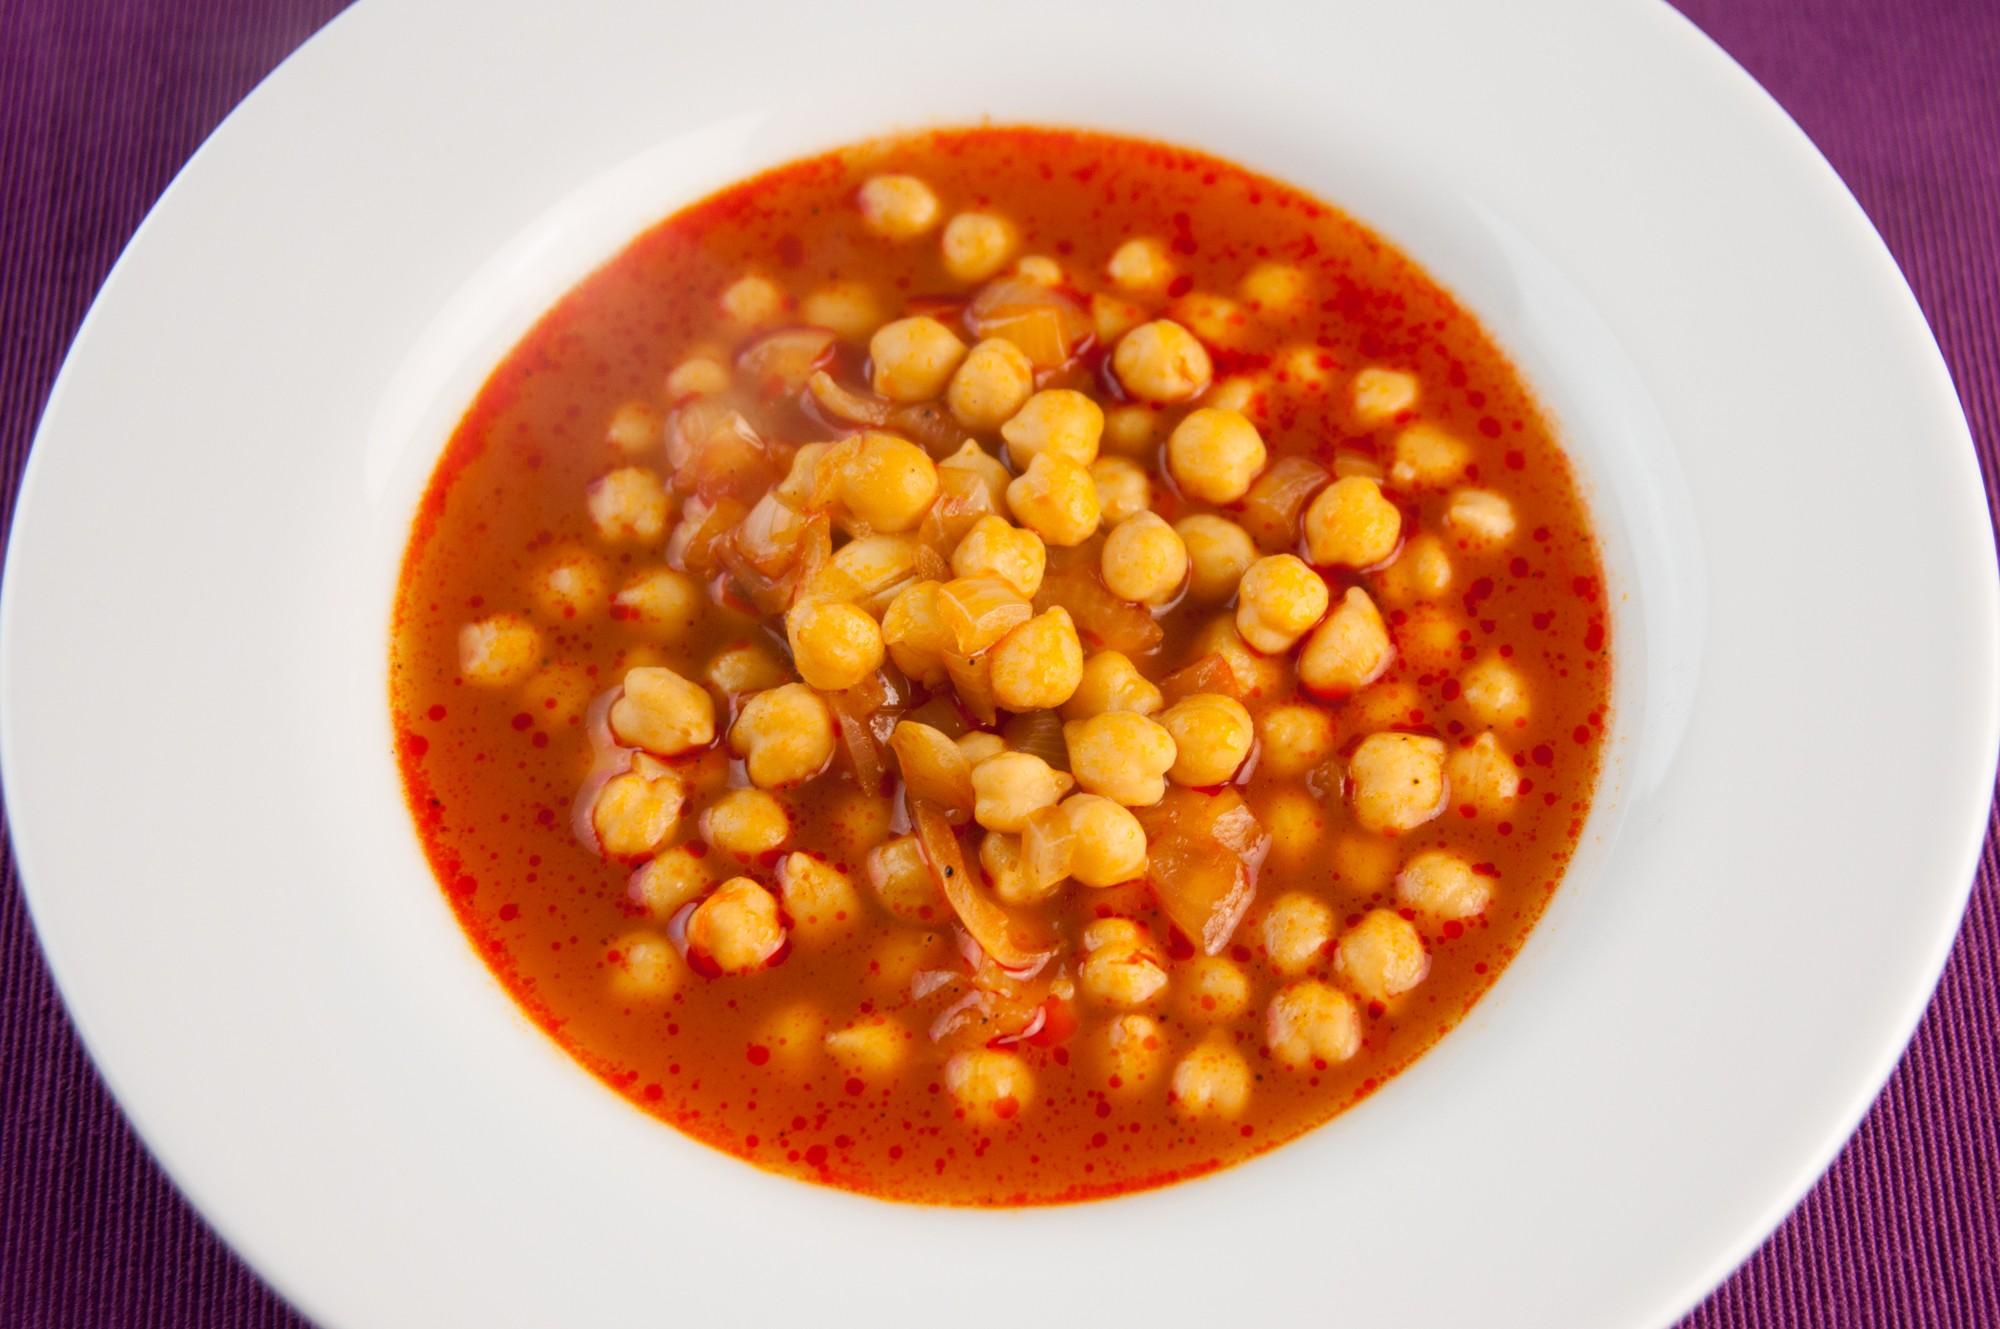 Etsiz nohut tarifi | Lokanta usulü nohut yemeği nasıl yapılır?